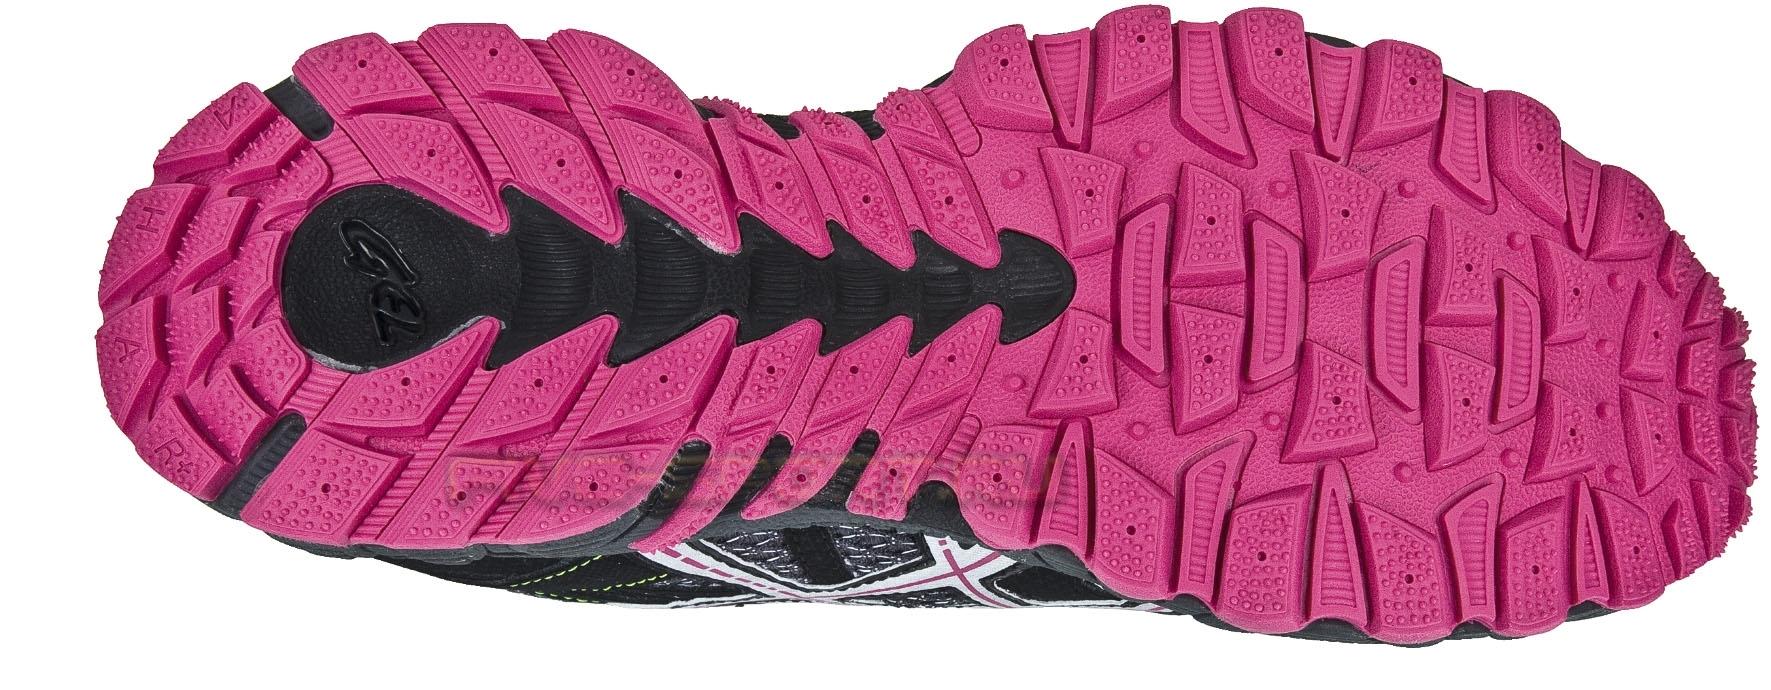 Asics Gel-Trail Lahar 5 кроссовки для бега женские - 2